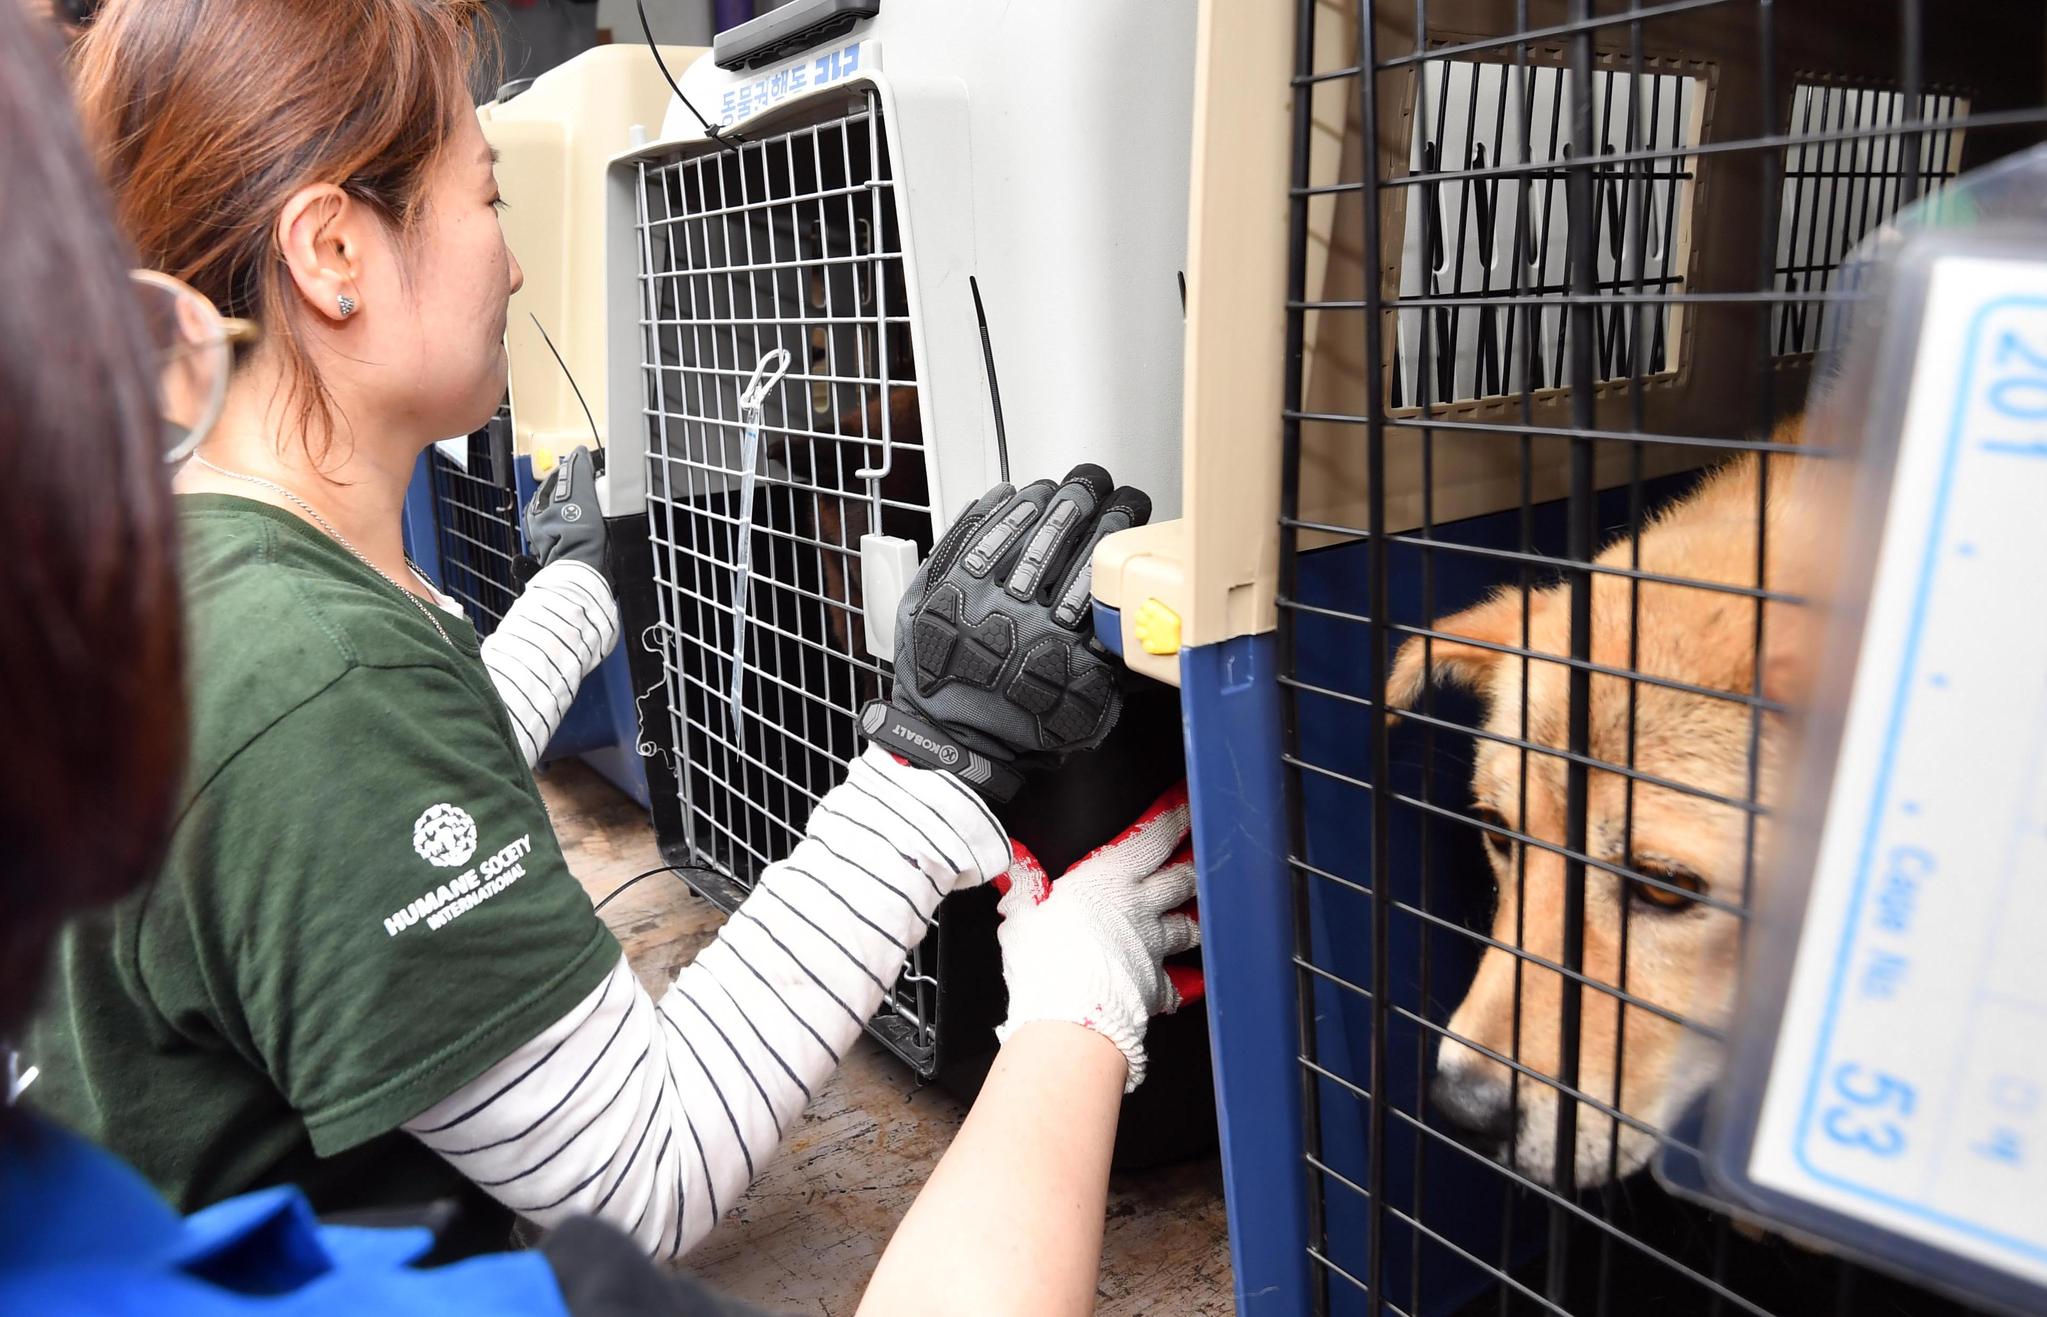 1일 오후 부산 북구 구포가축시장에서 동물보호단체 회원들이 도축 위기서 구출된 동물들을 보호소로 옮기기 위해 트럭에 싣고 있다. [뉴시스]